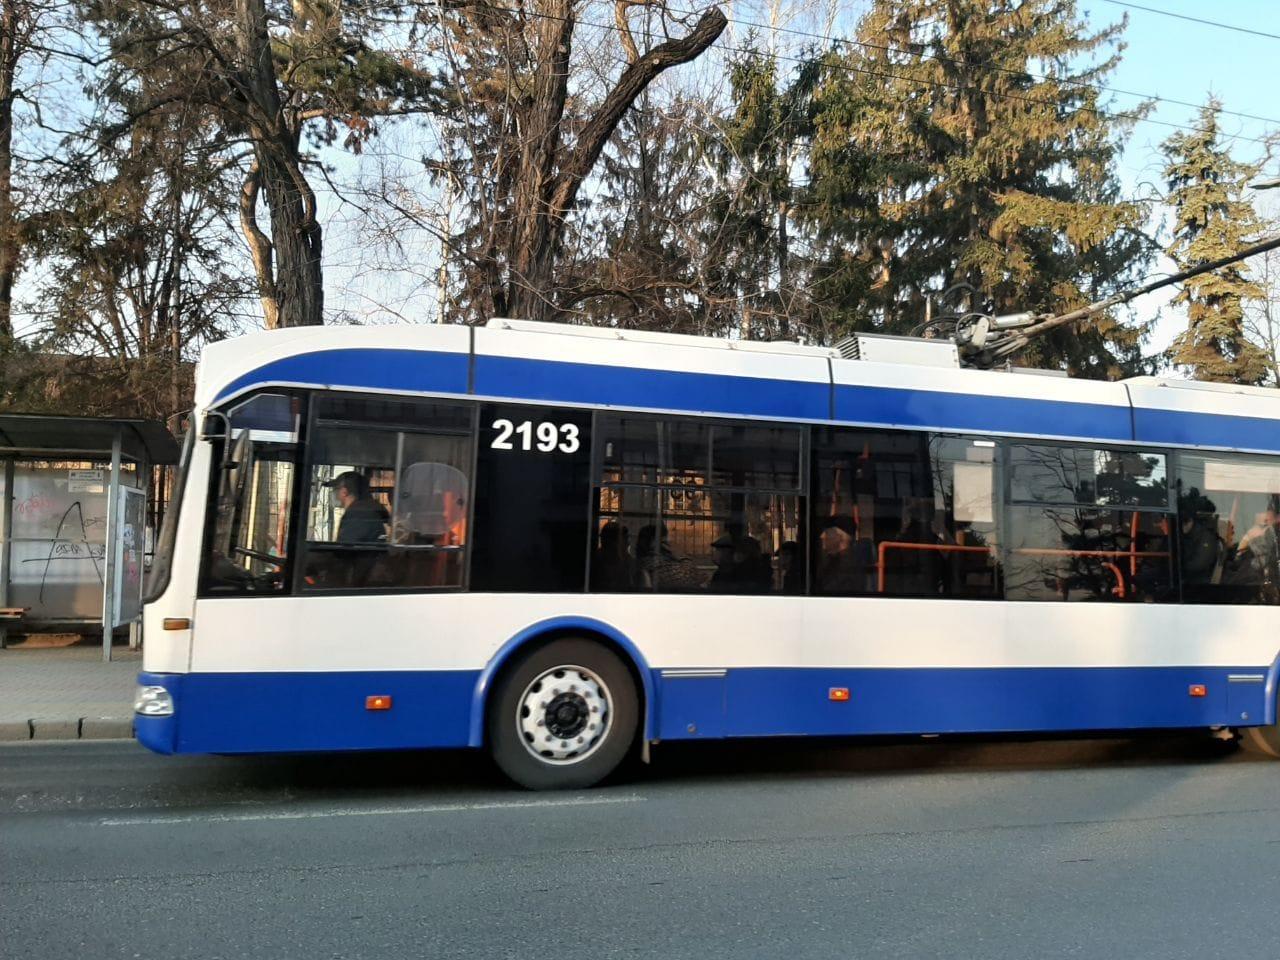 Проезд в общественном транспорте Кишинева будет бесплатным до 10 апреля